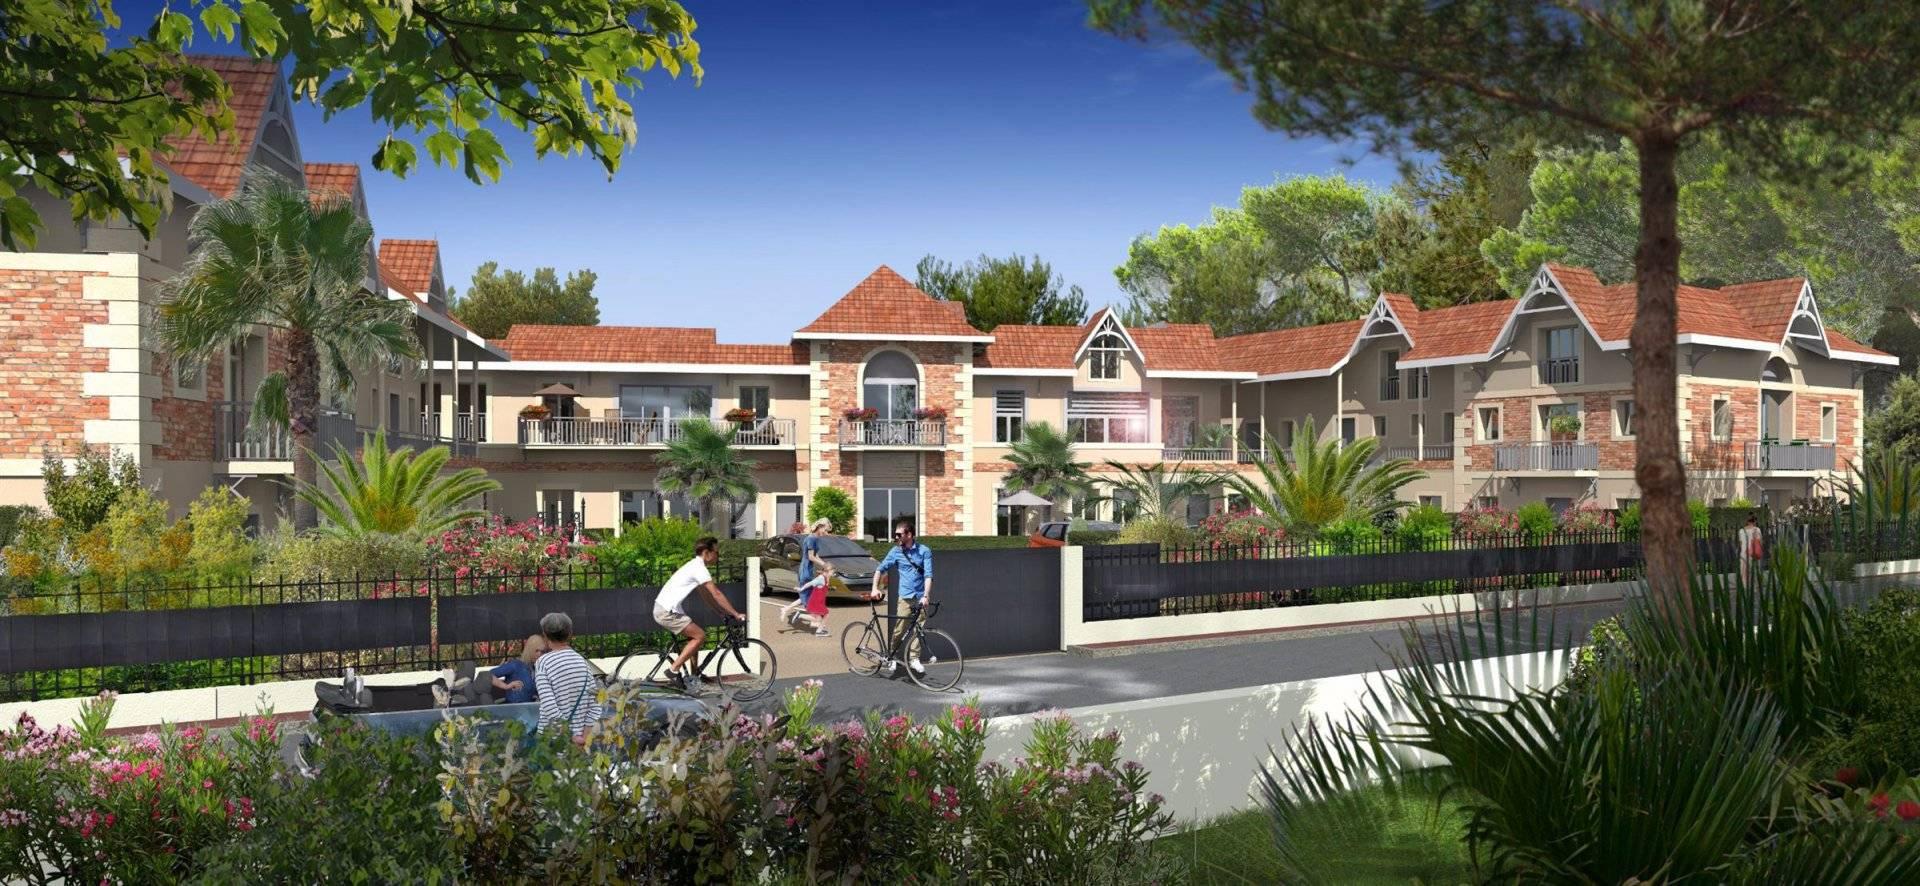 Achat de biens immobiliers neufs bordeaux coldwell banker for Agence immobiliere prestige bordeaux